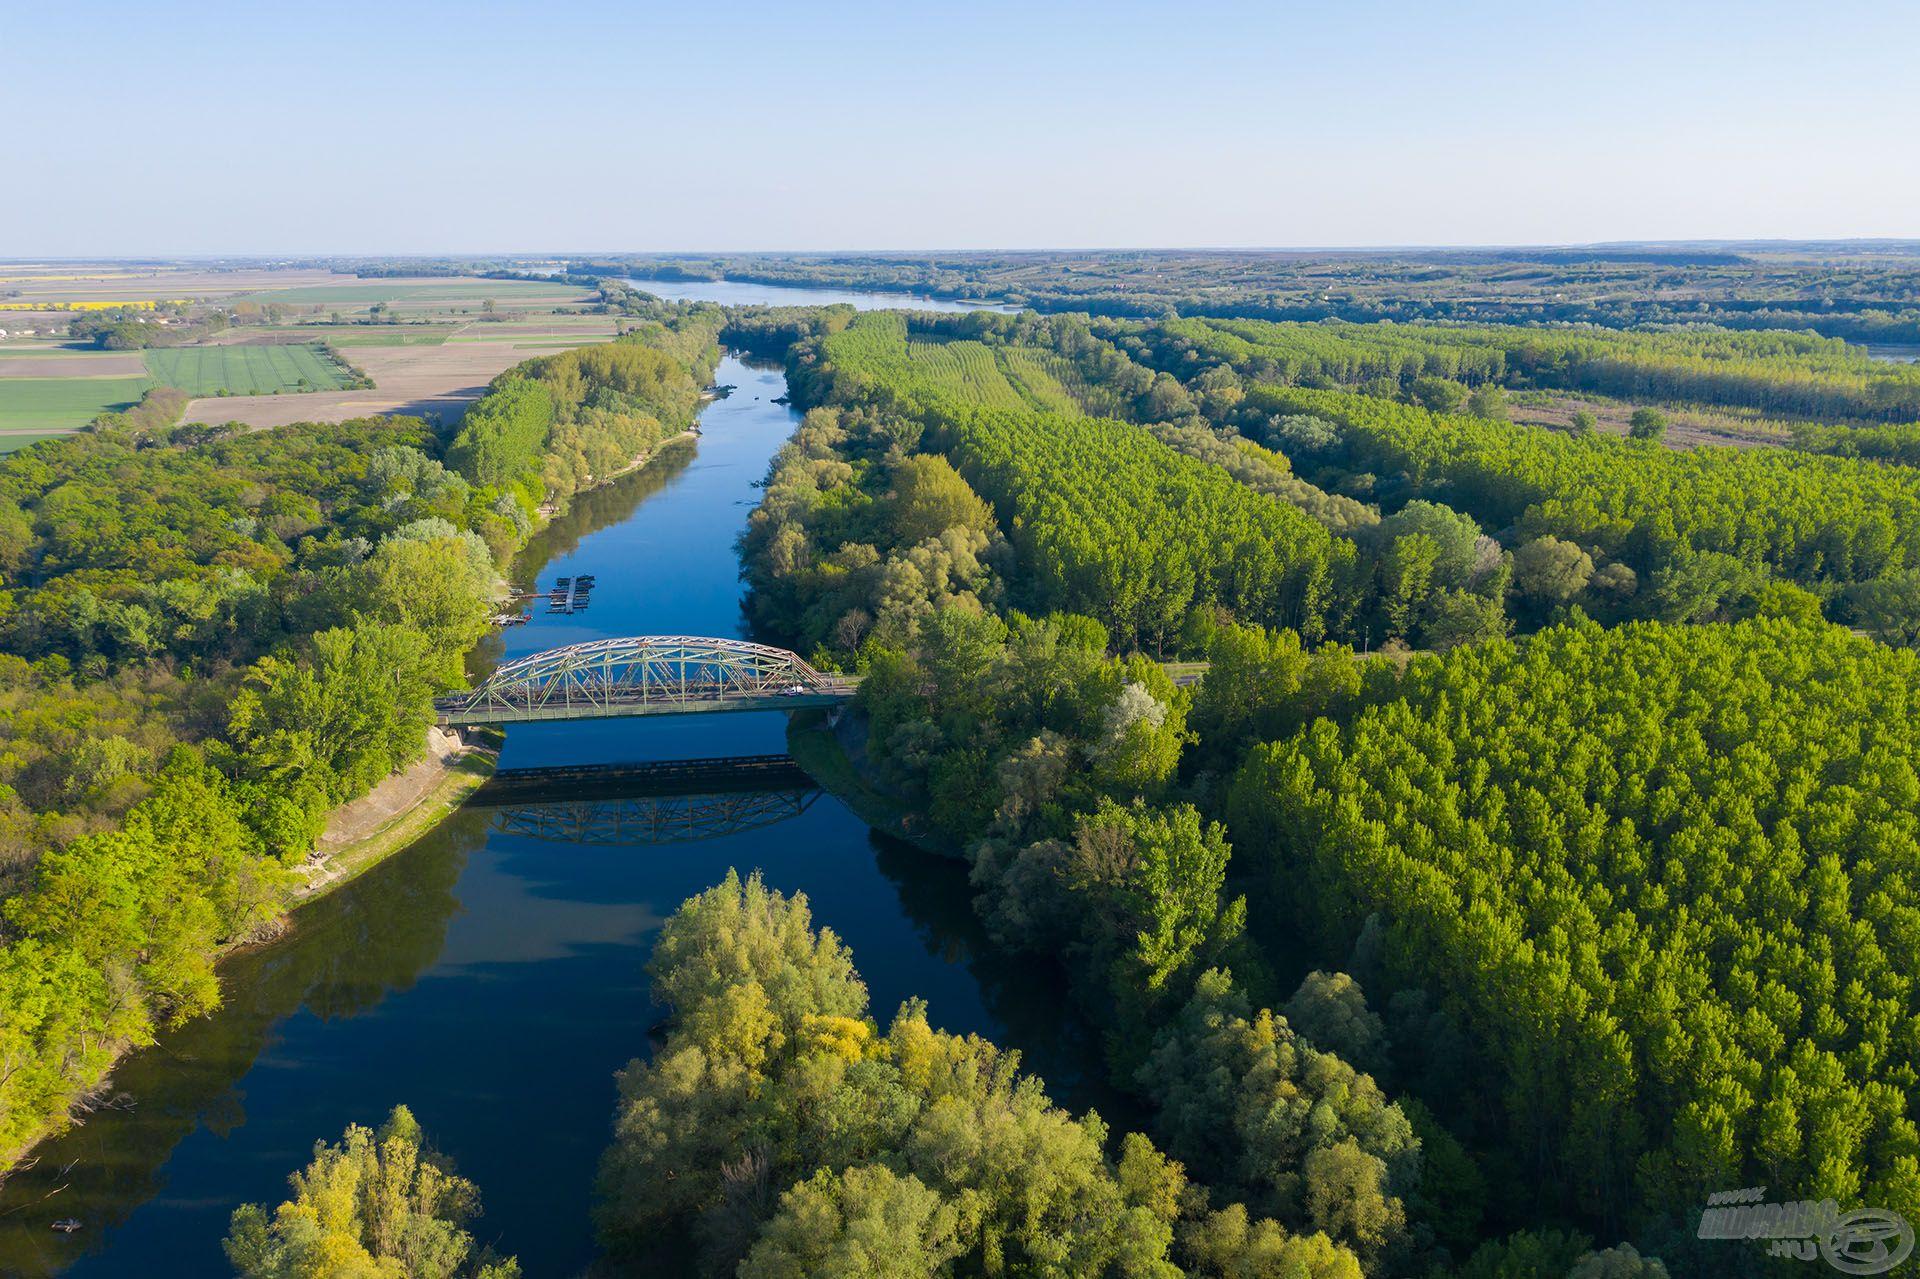 Gyönyörű, öreg, természetes vízterület, amelyet a Dunaföldvári Sporthorgászok Egyesülete gondoz